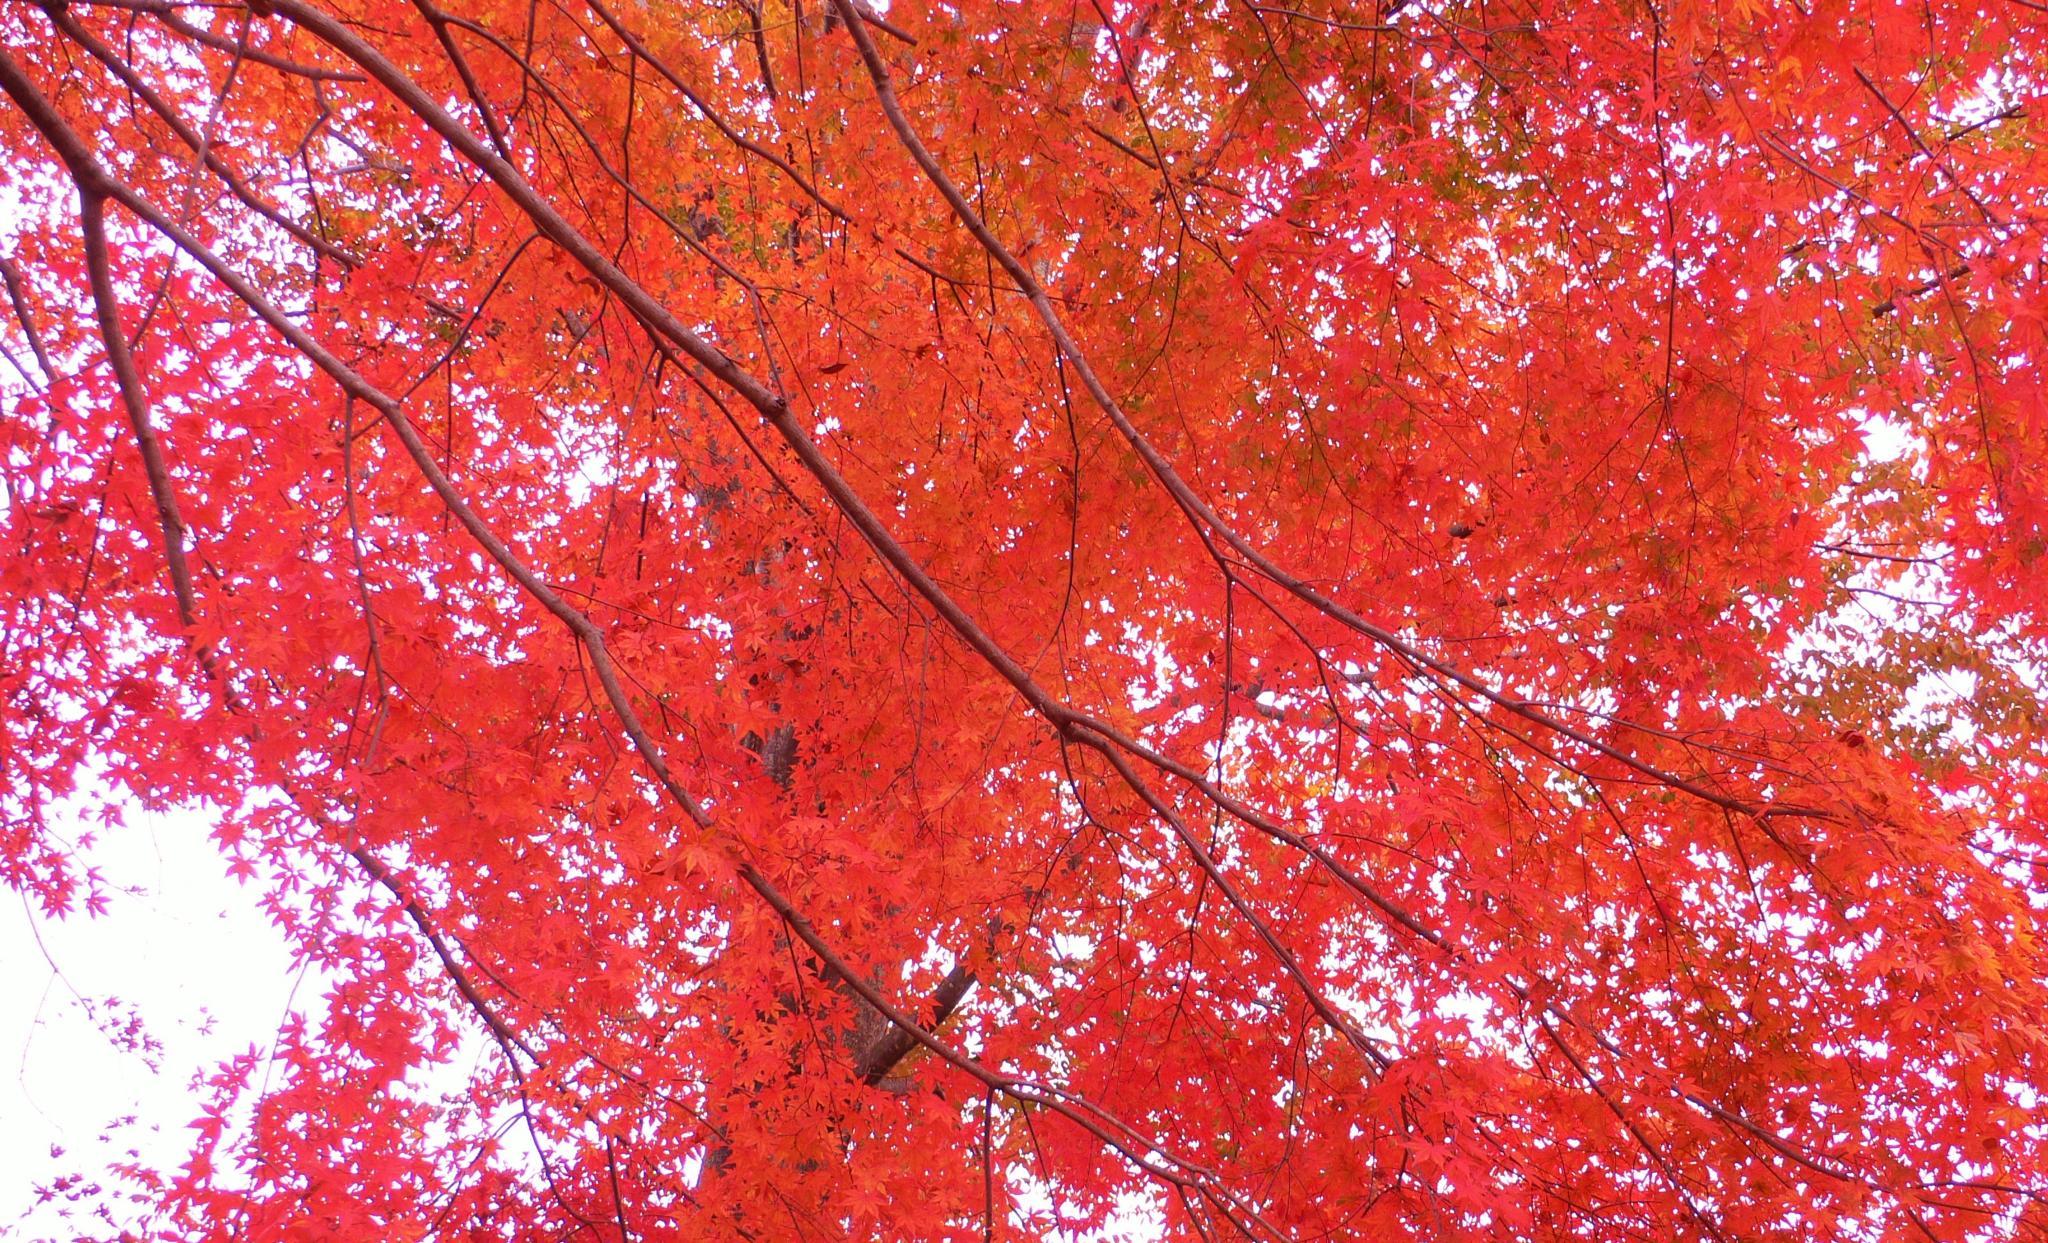 Untitled by Hisashi.Nagahiro